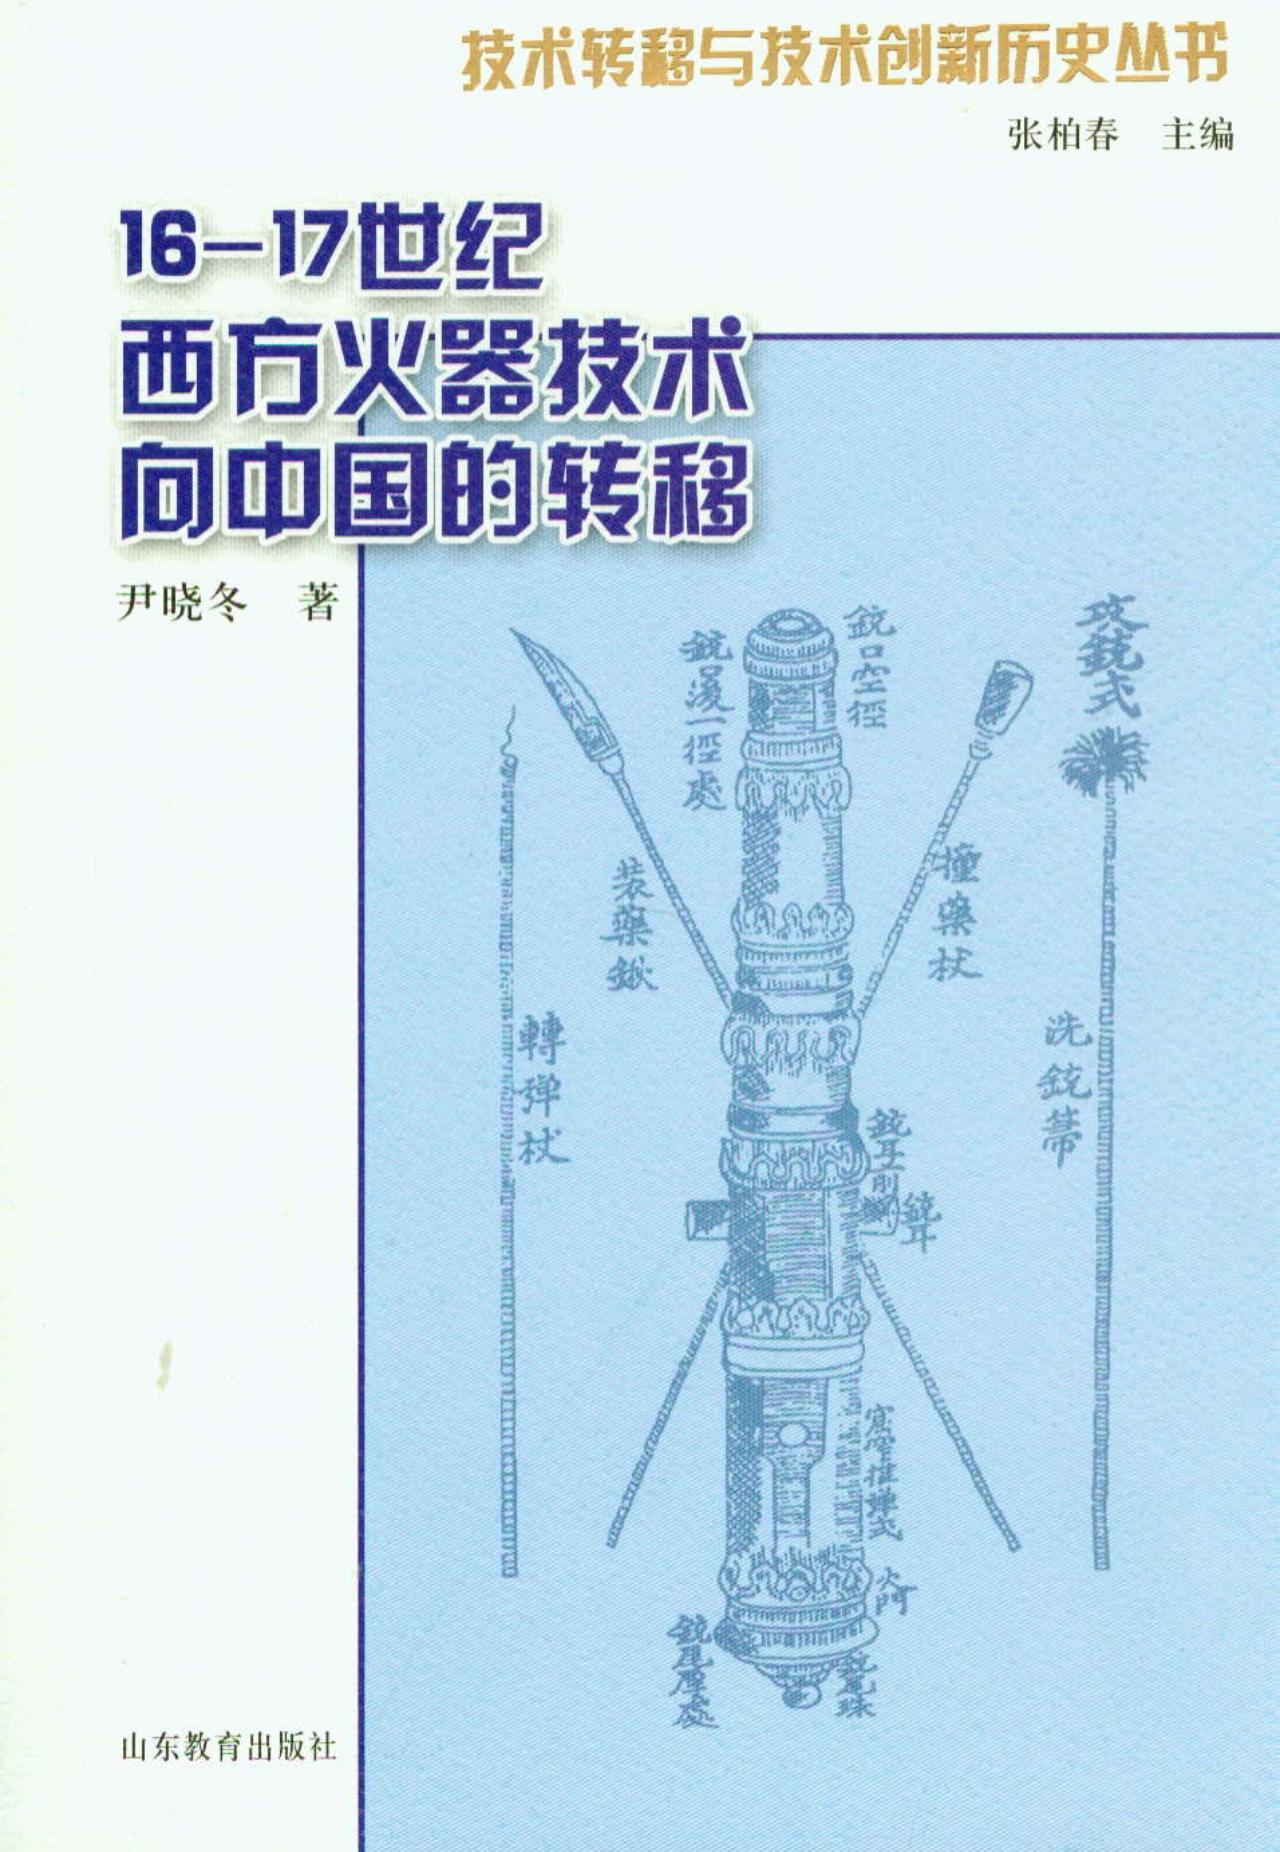 16-17世紀明末清初西方火器技術向中國的轉移